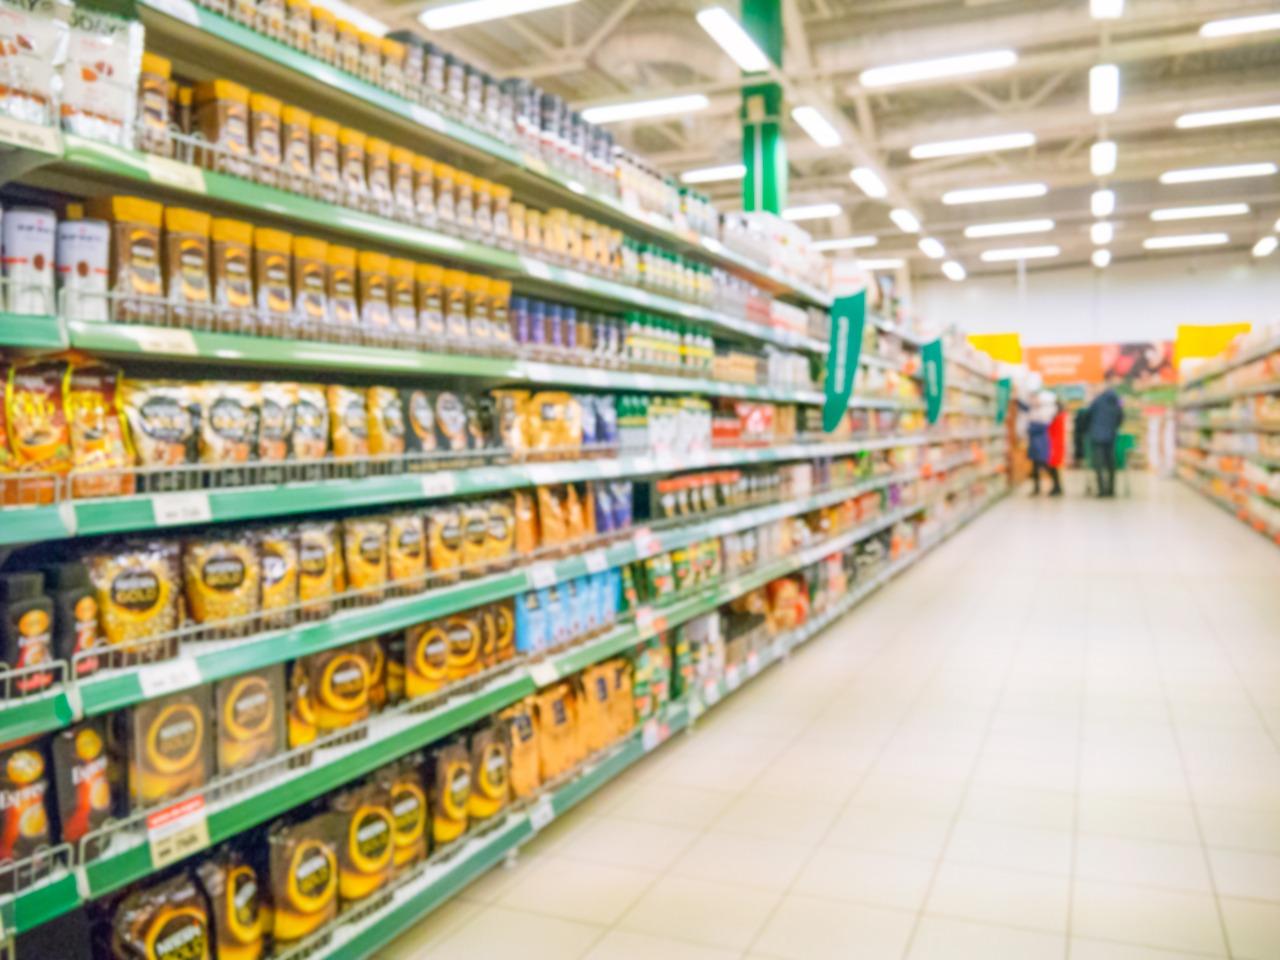 Bisnis Ritel Syariah Kian Berkembang : Okezone Economy